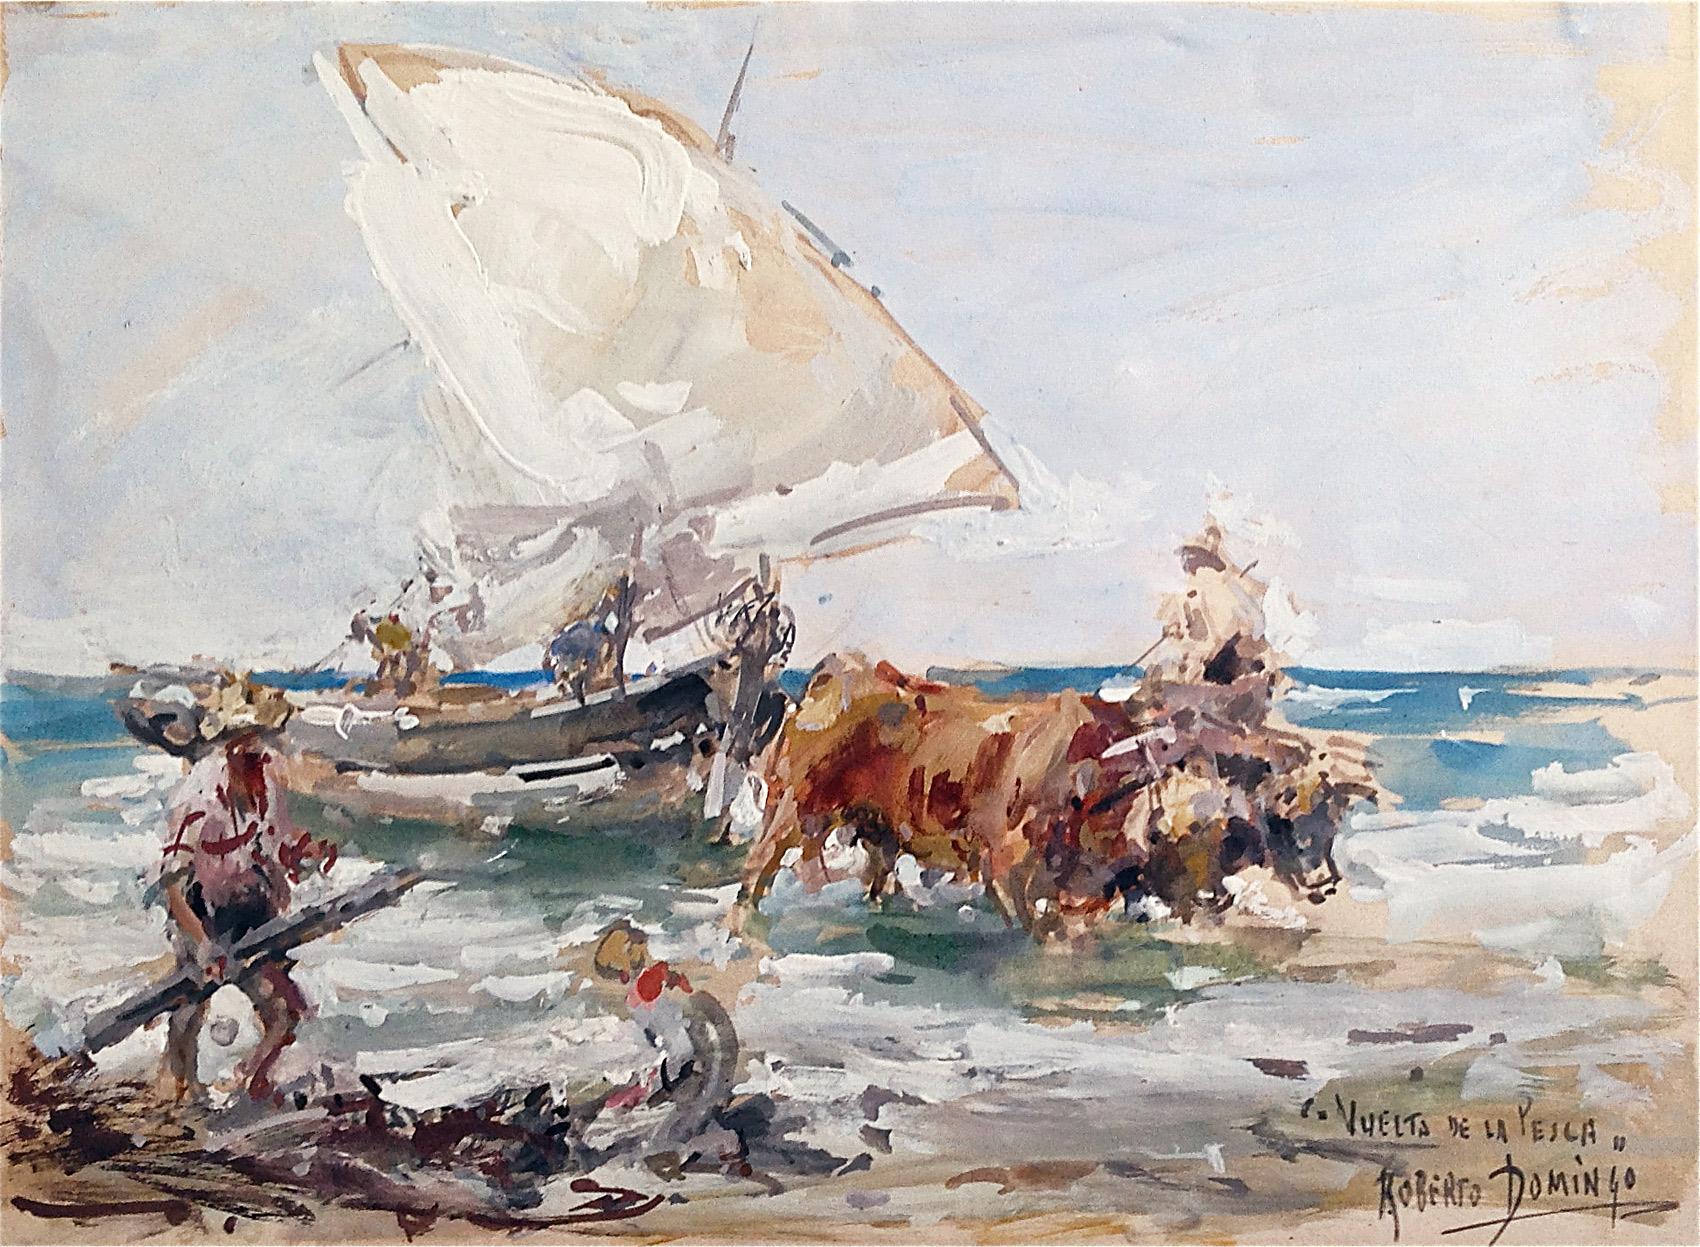 Vuelta de la pesca